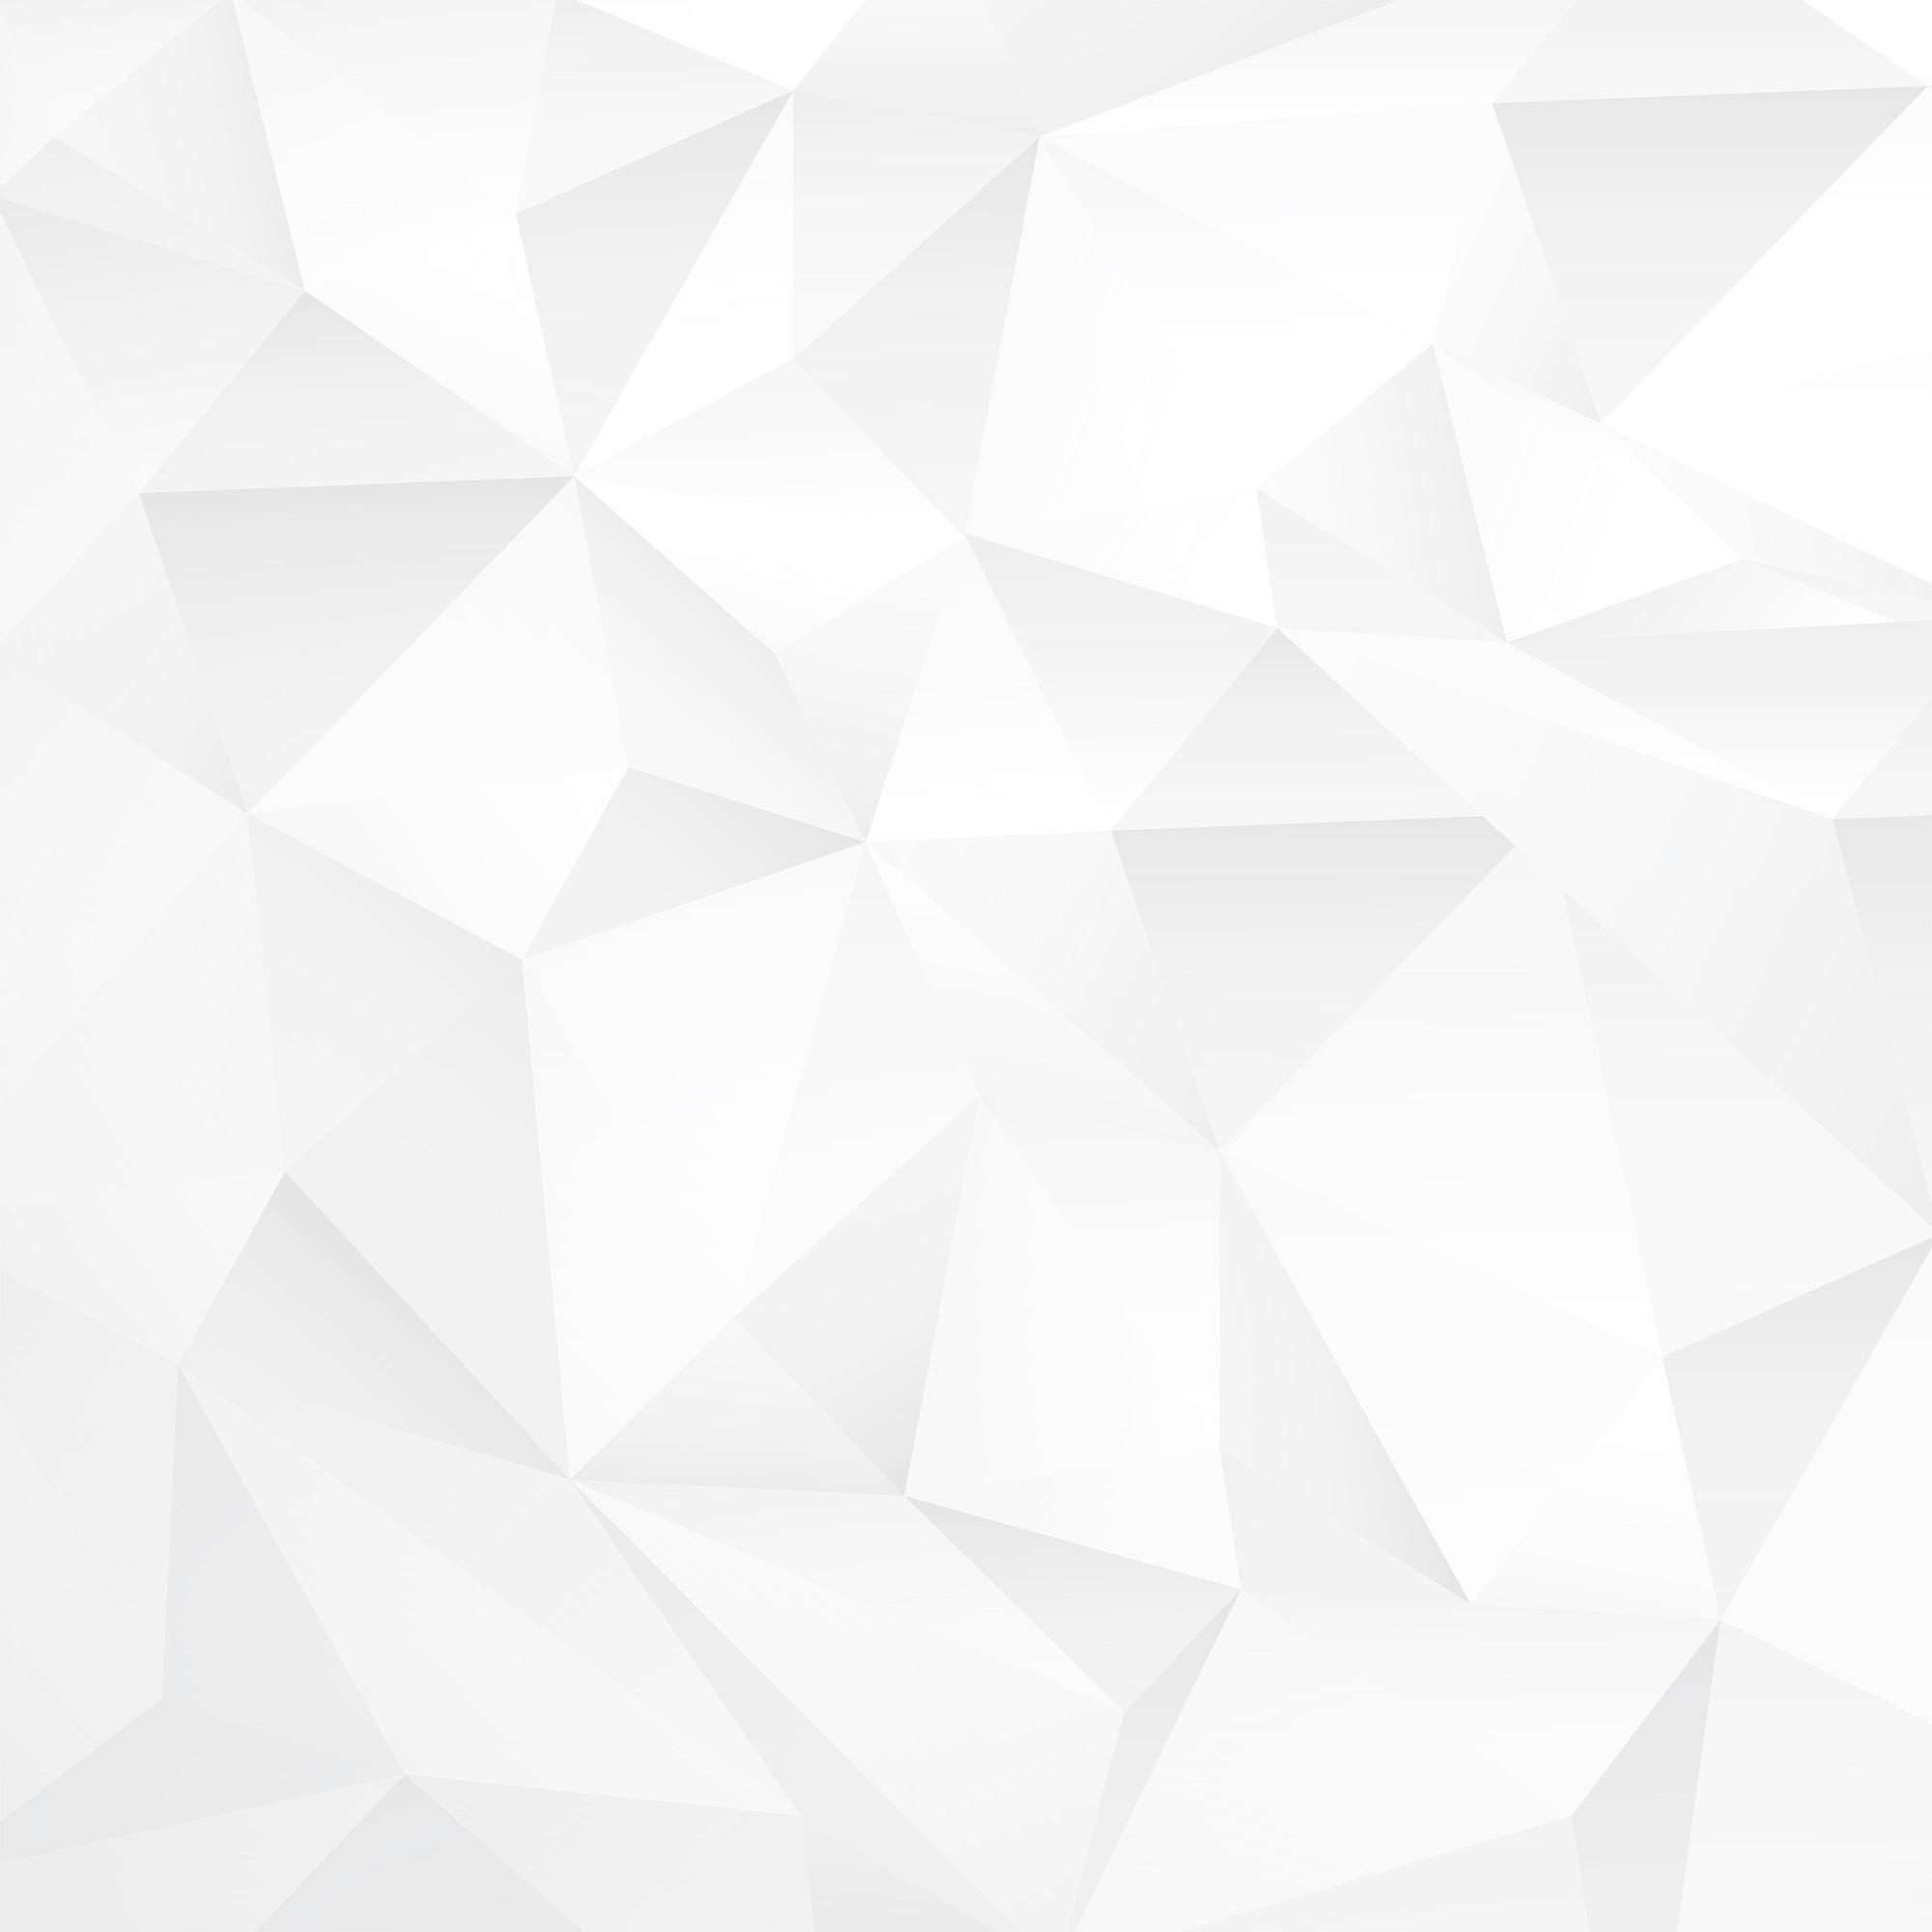 White Polygon Background - Rosen Markov